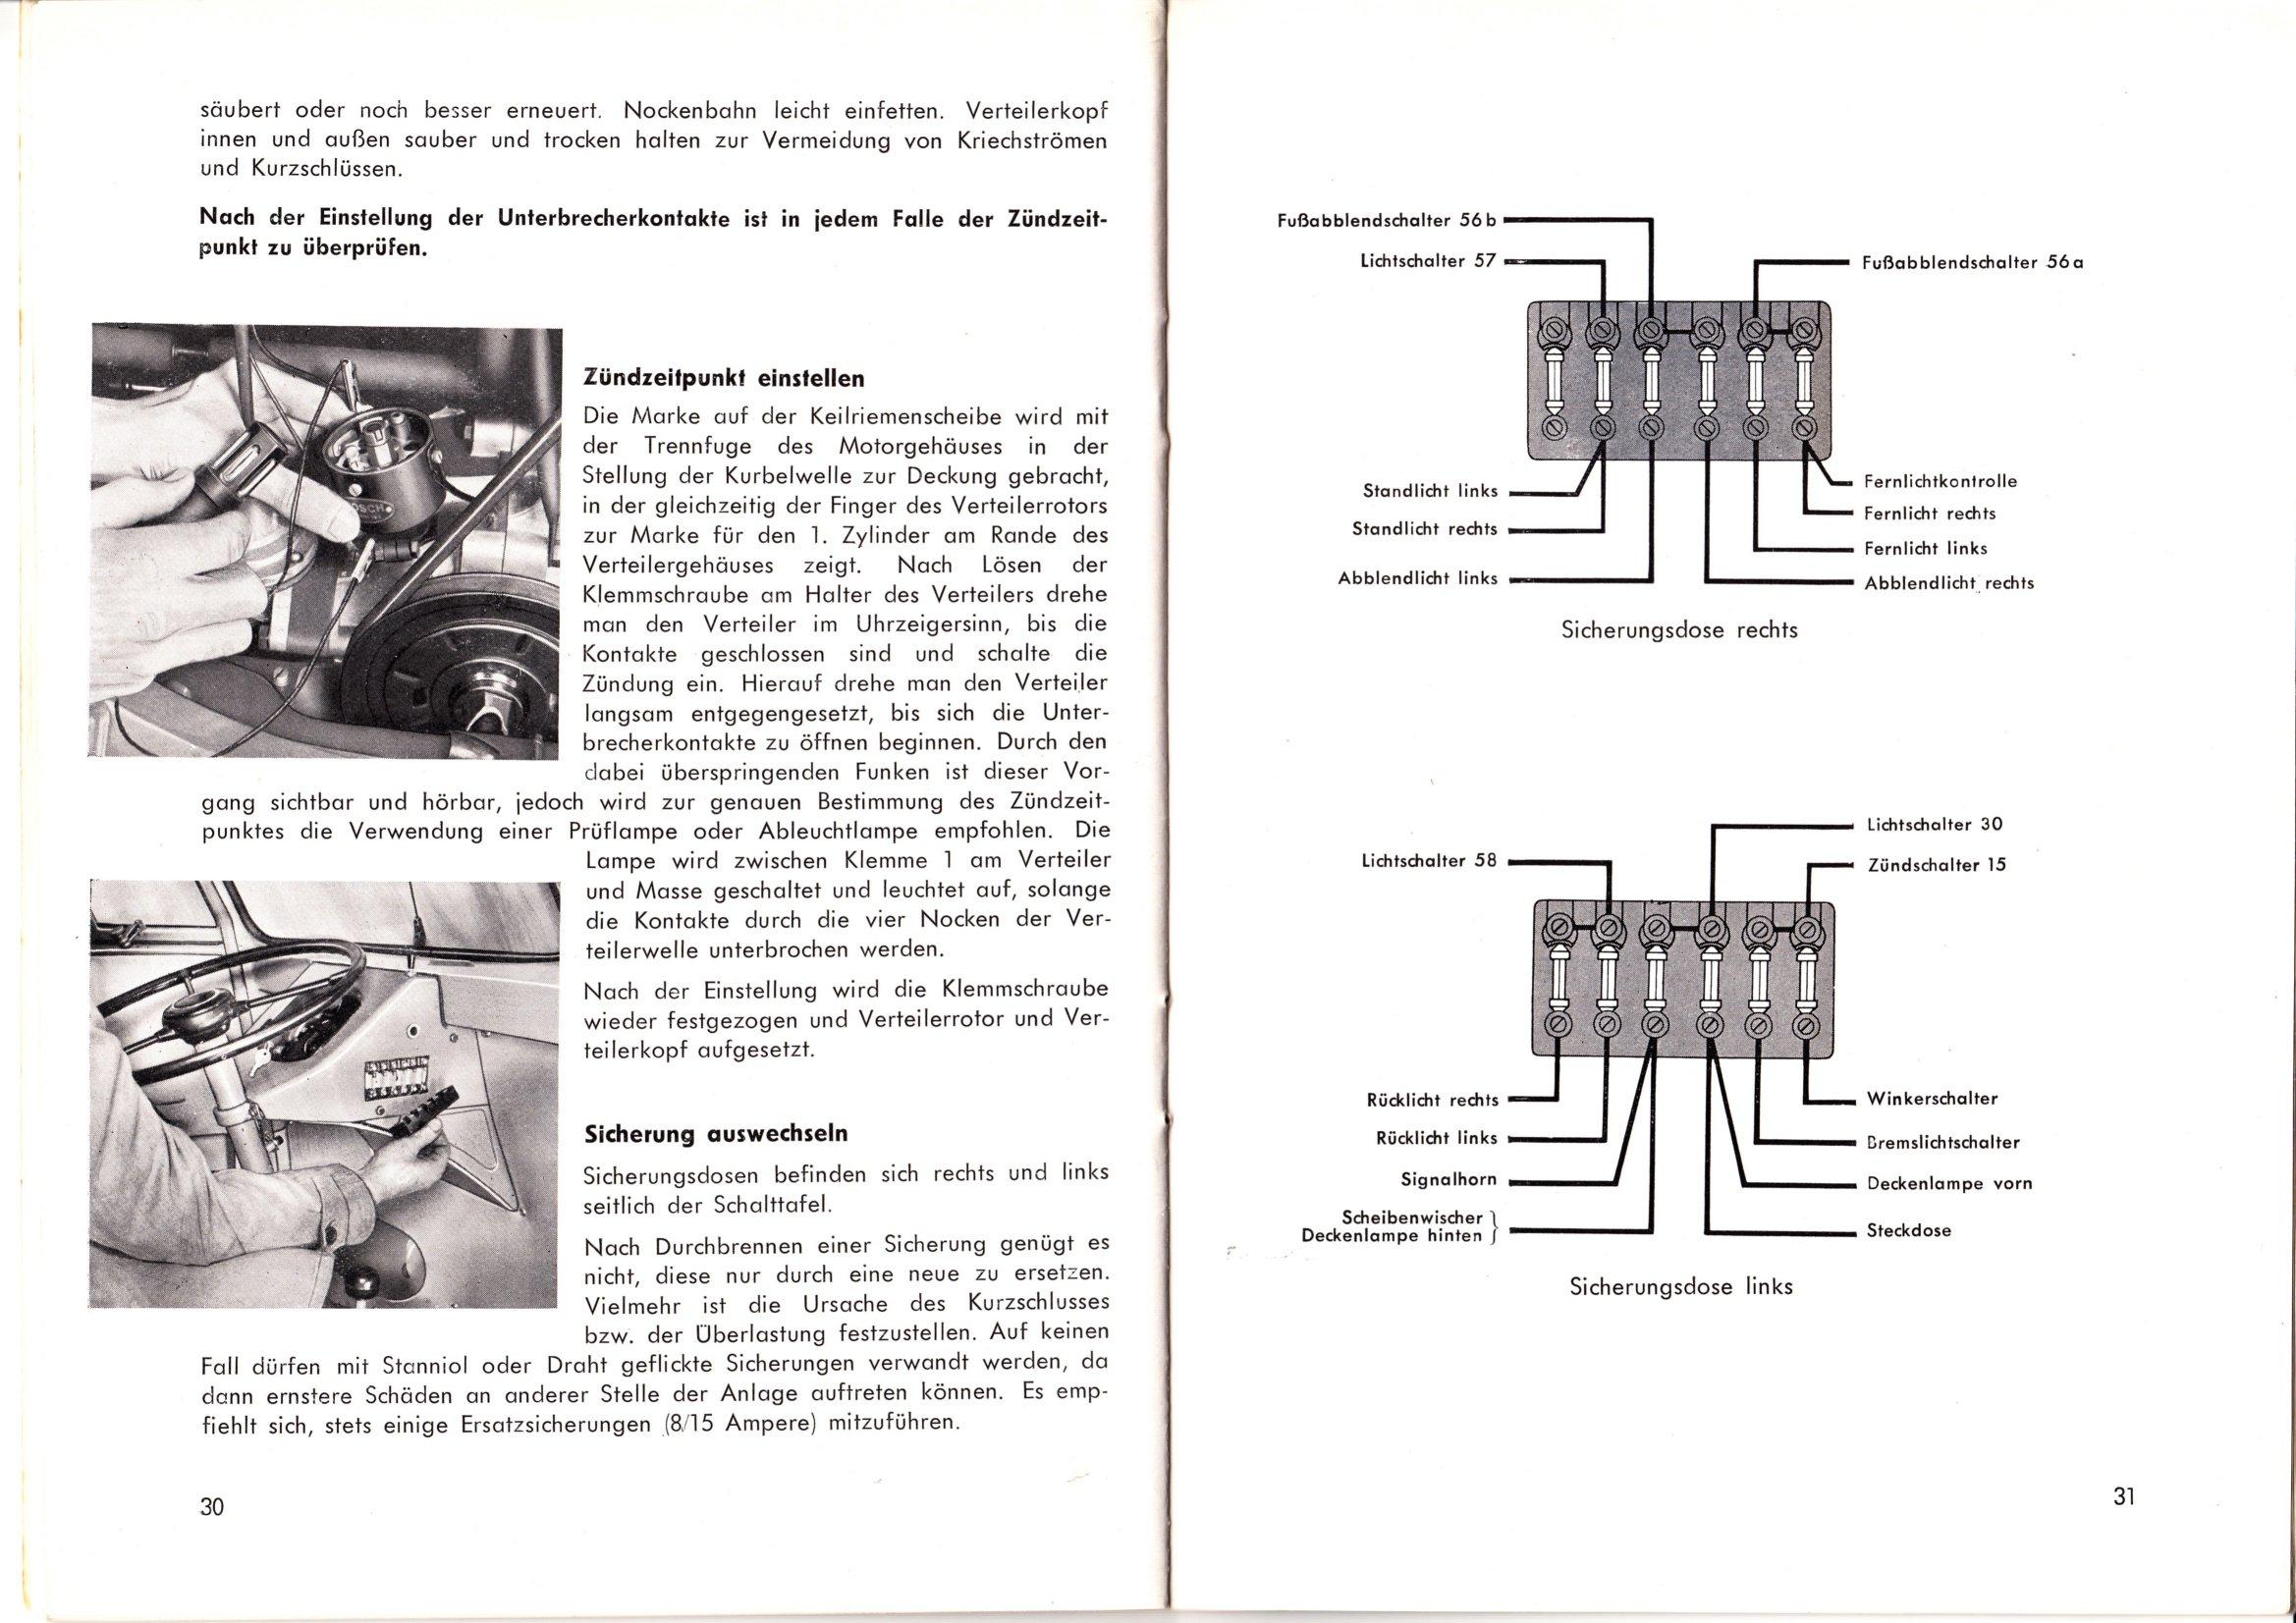 Groß 15 Ampere Lichtschalter Ideen - Der Schaltplan - triangre.info